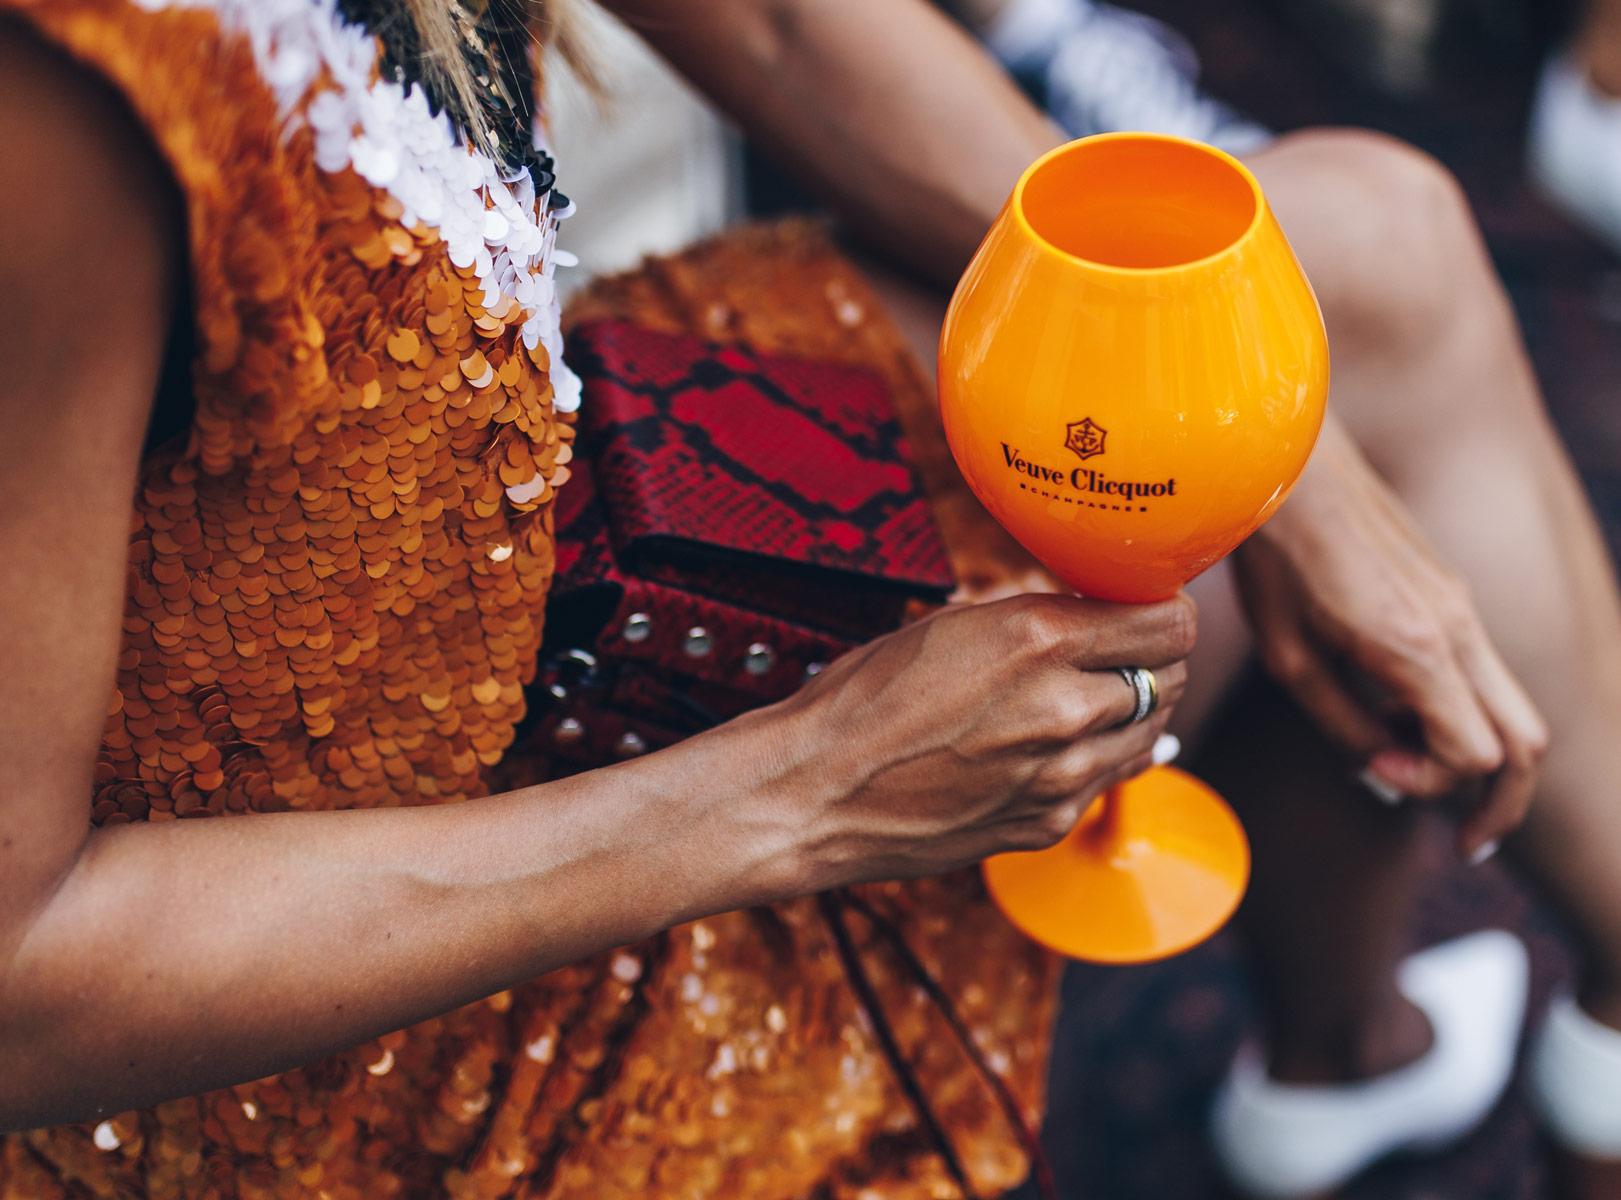 veuve clicquot party ,lebenswerteste Stadt 2017 - Les factory Femmes